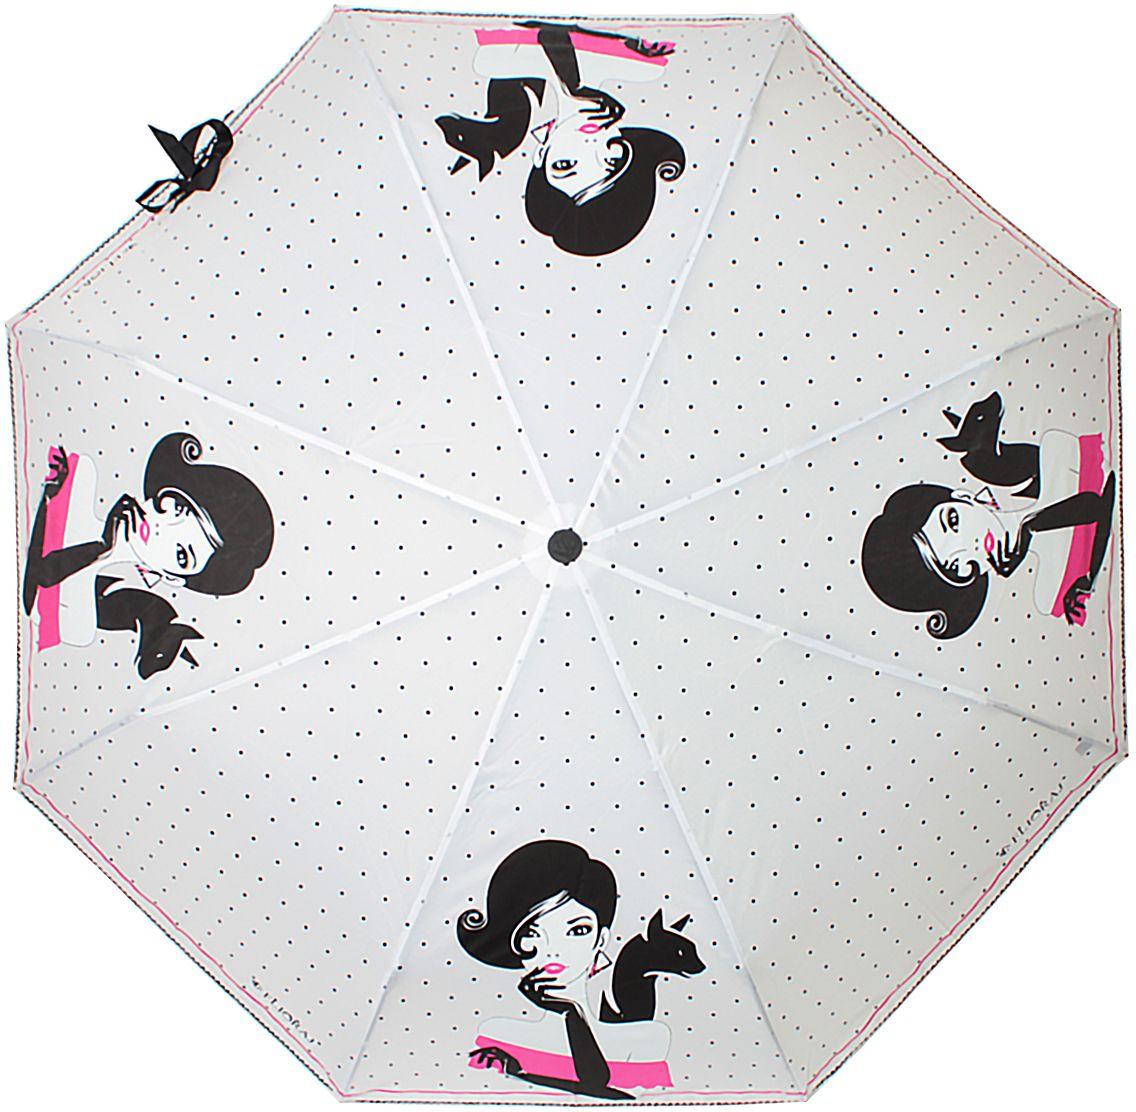 Зонт женский Flioraj, автомат, 3 сложения, цвет: молочный, черный, фуксия. 160406 FJ